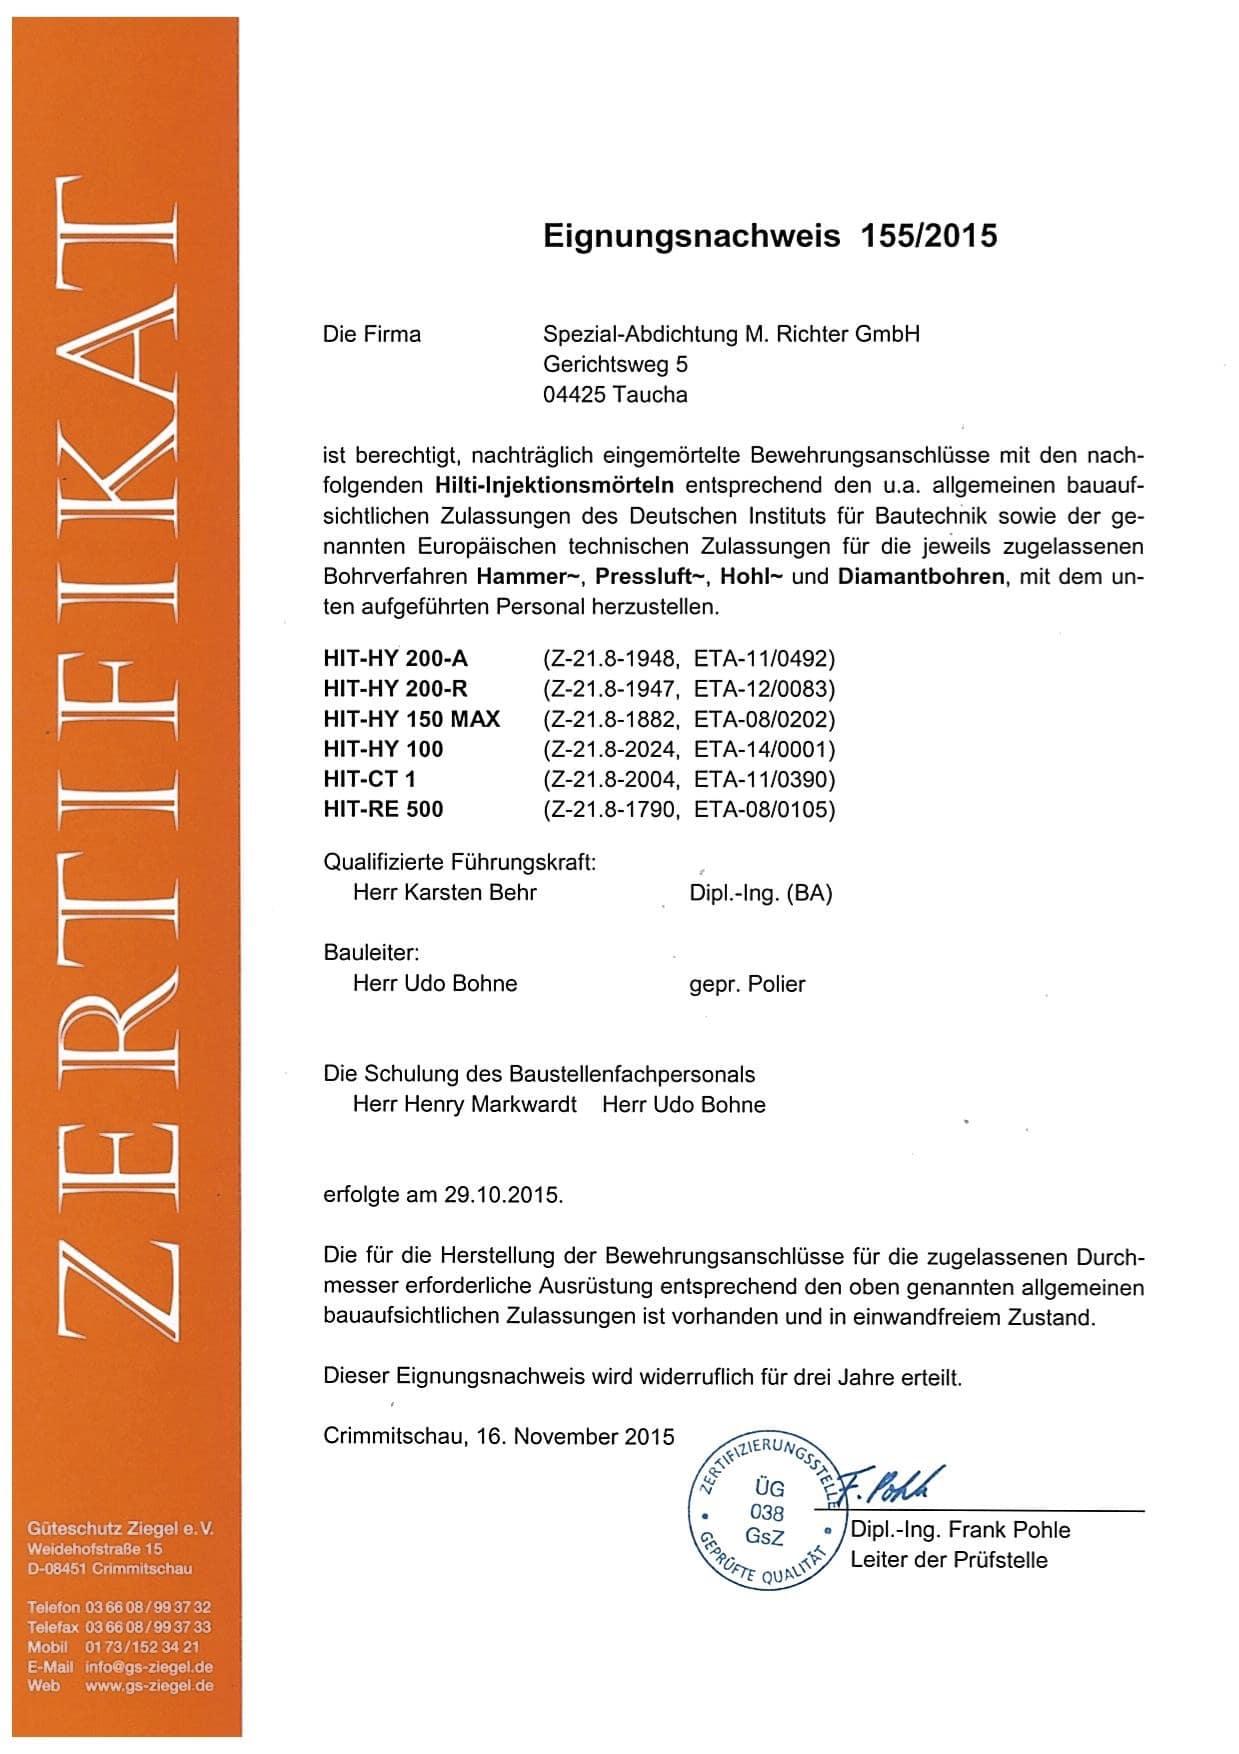 Zertifikat Eignungsnachweis 1552015 Hilti für Udo Bohne